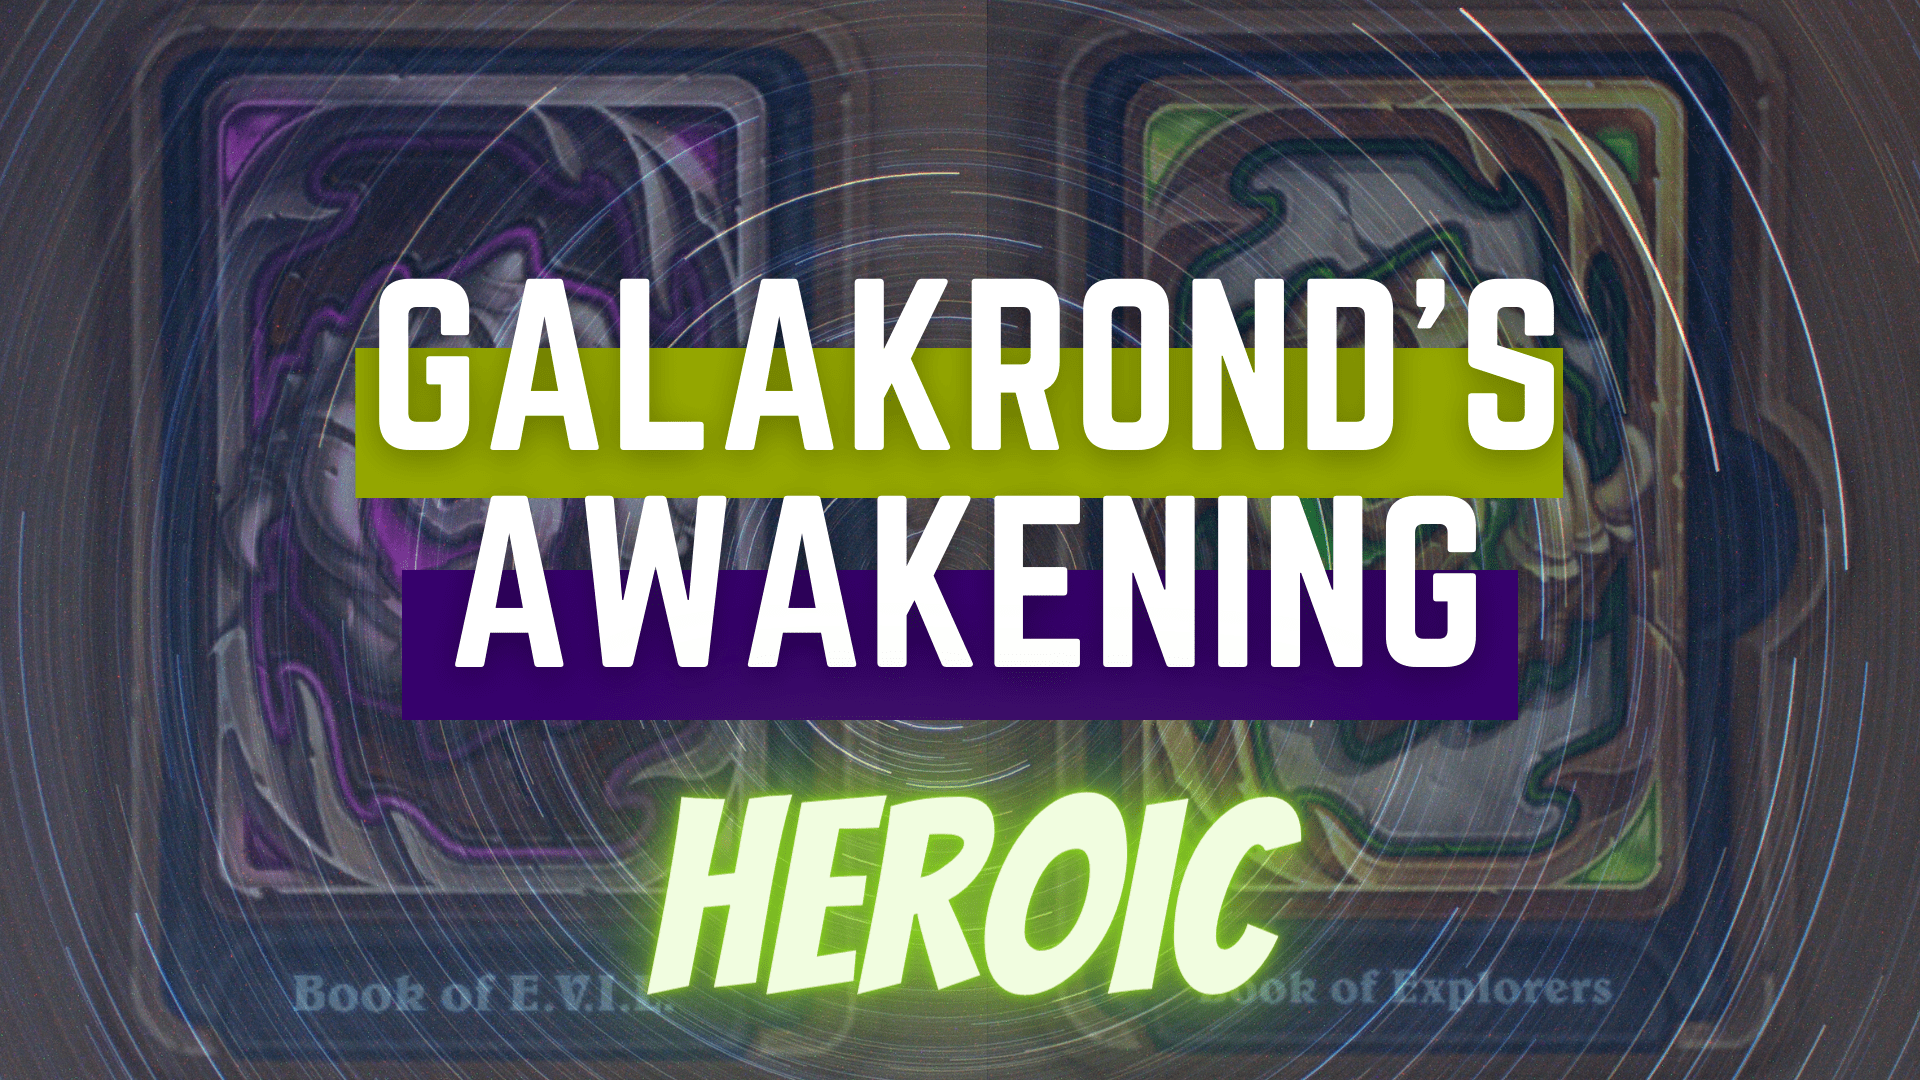 пробуждение галакронда героический режим GBD - e2p.com